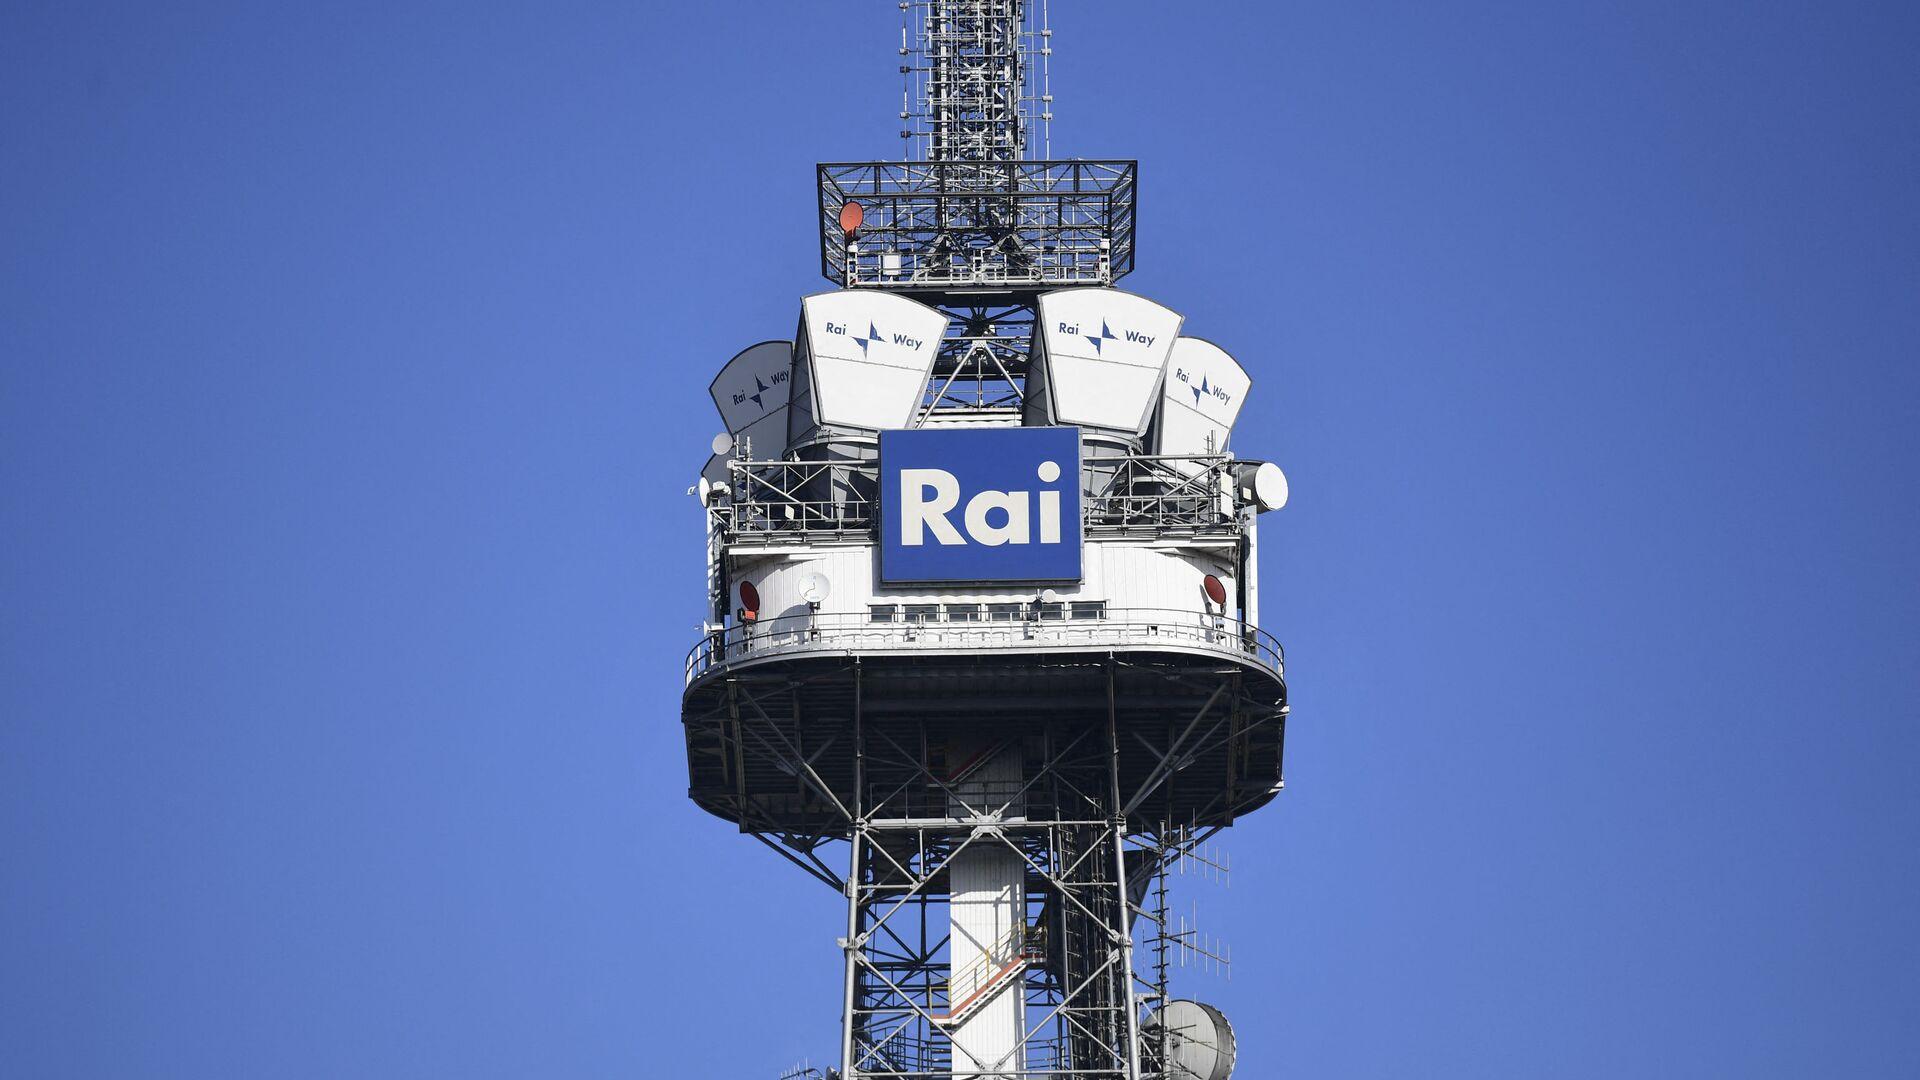 RAI Milano - Sputnik Italia, 1920, 07.07.2021